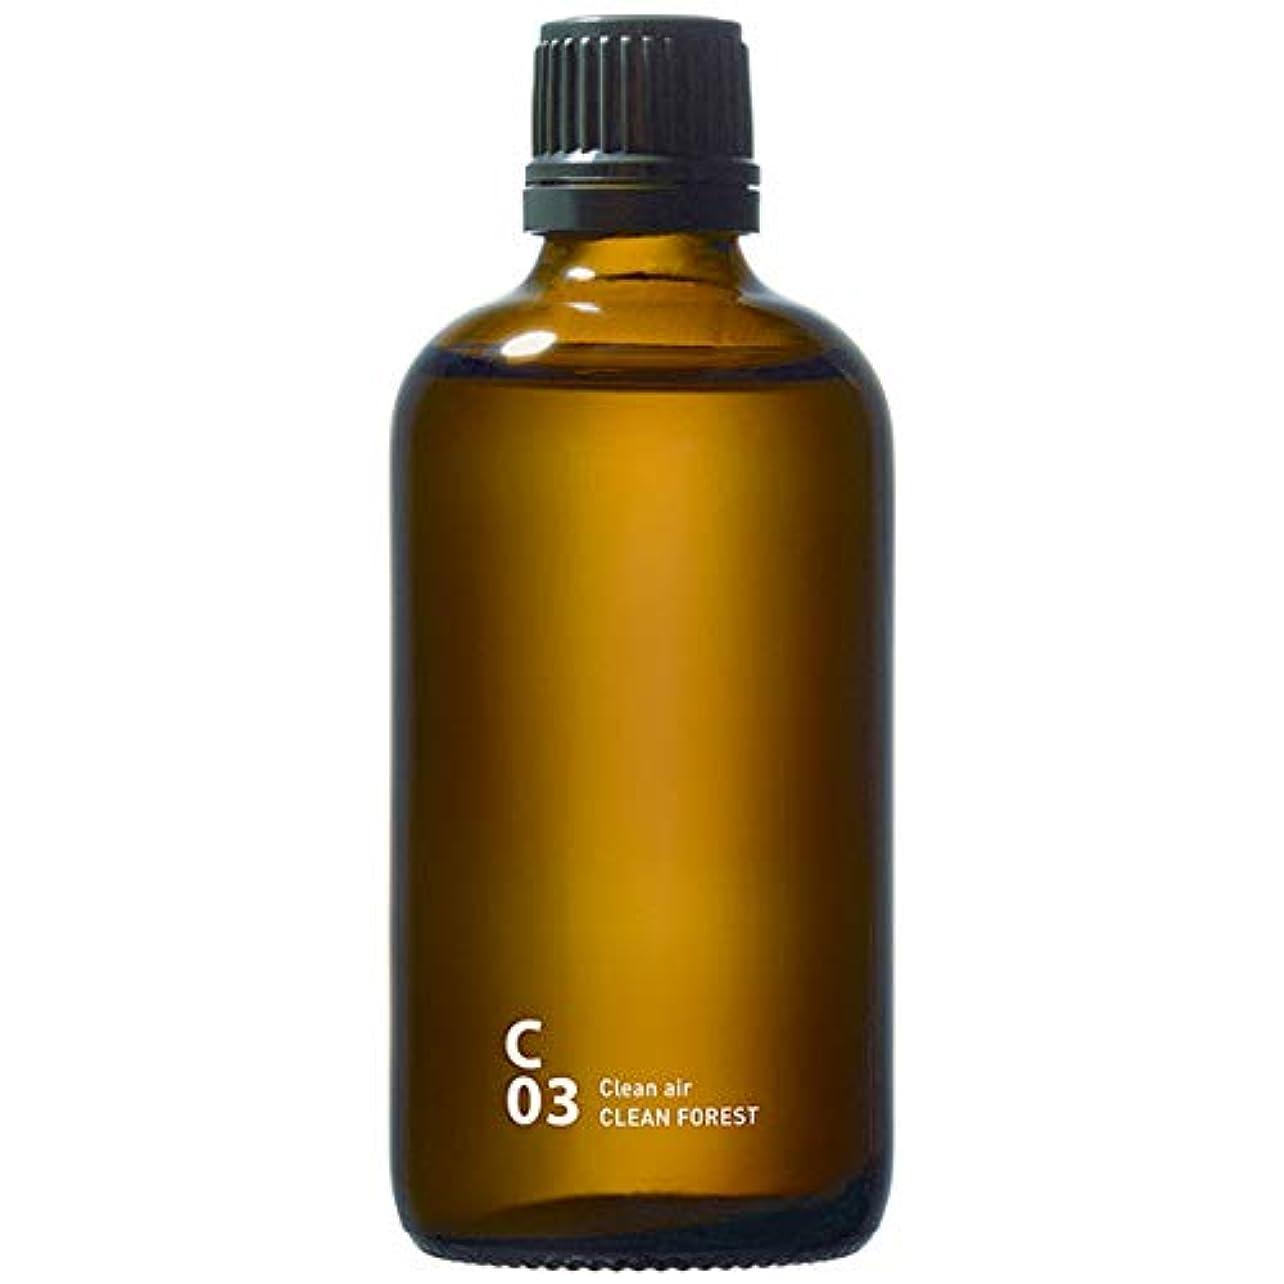 衣装投資するフィッティングC03 CLEAN FOREST piezo aroma oil 100ml